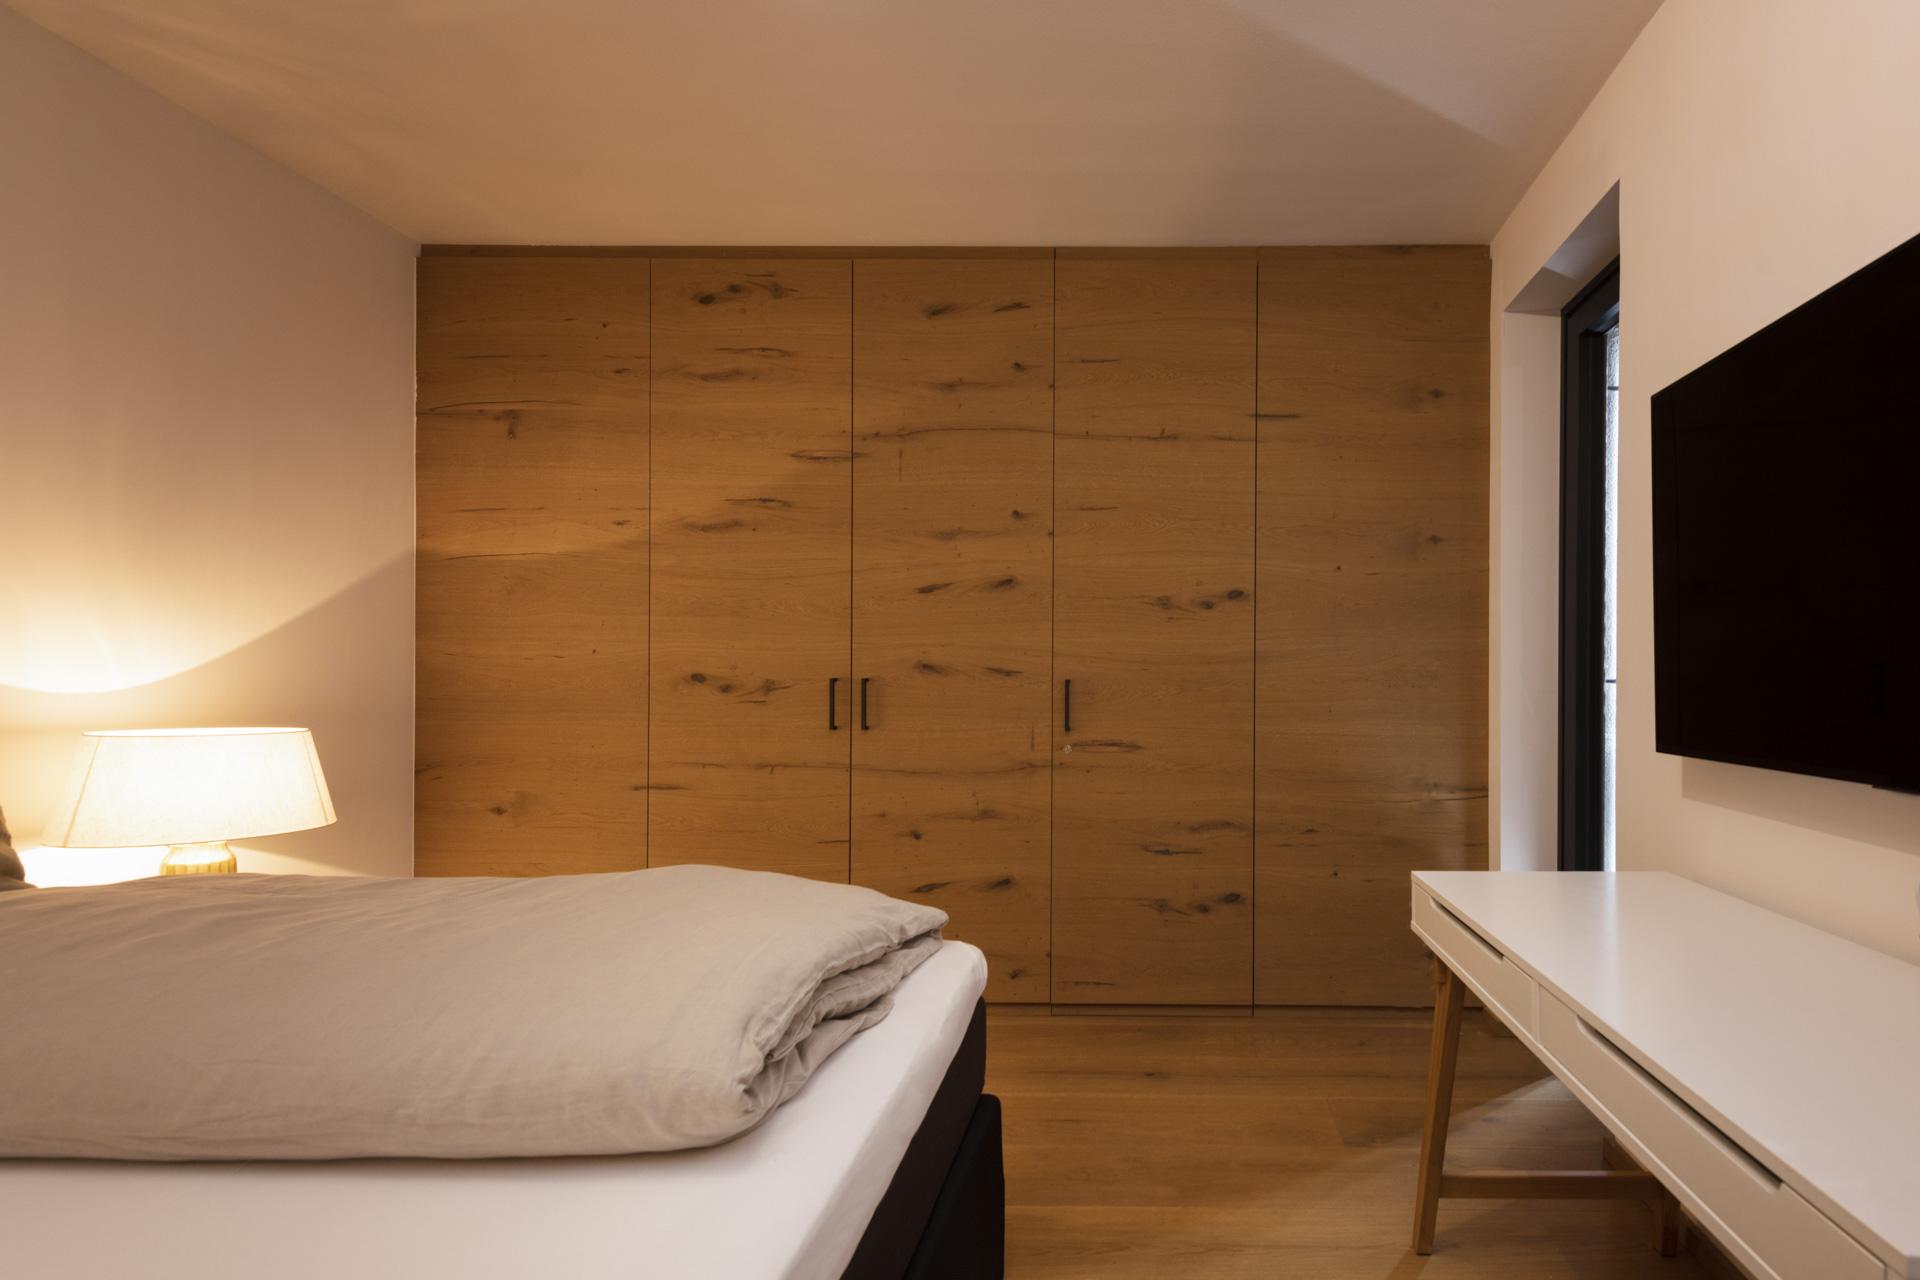 Tischlerei-Decker-Projekte-Wohnung-D-Schlafen-Doppelbett